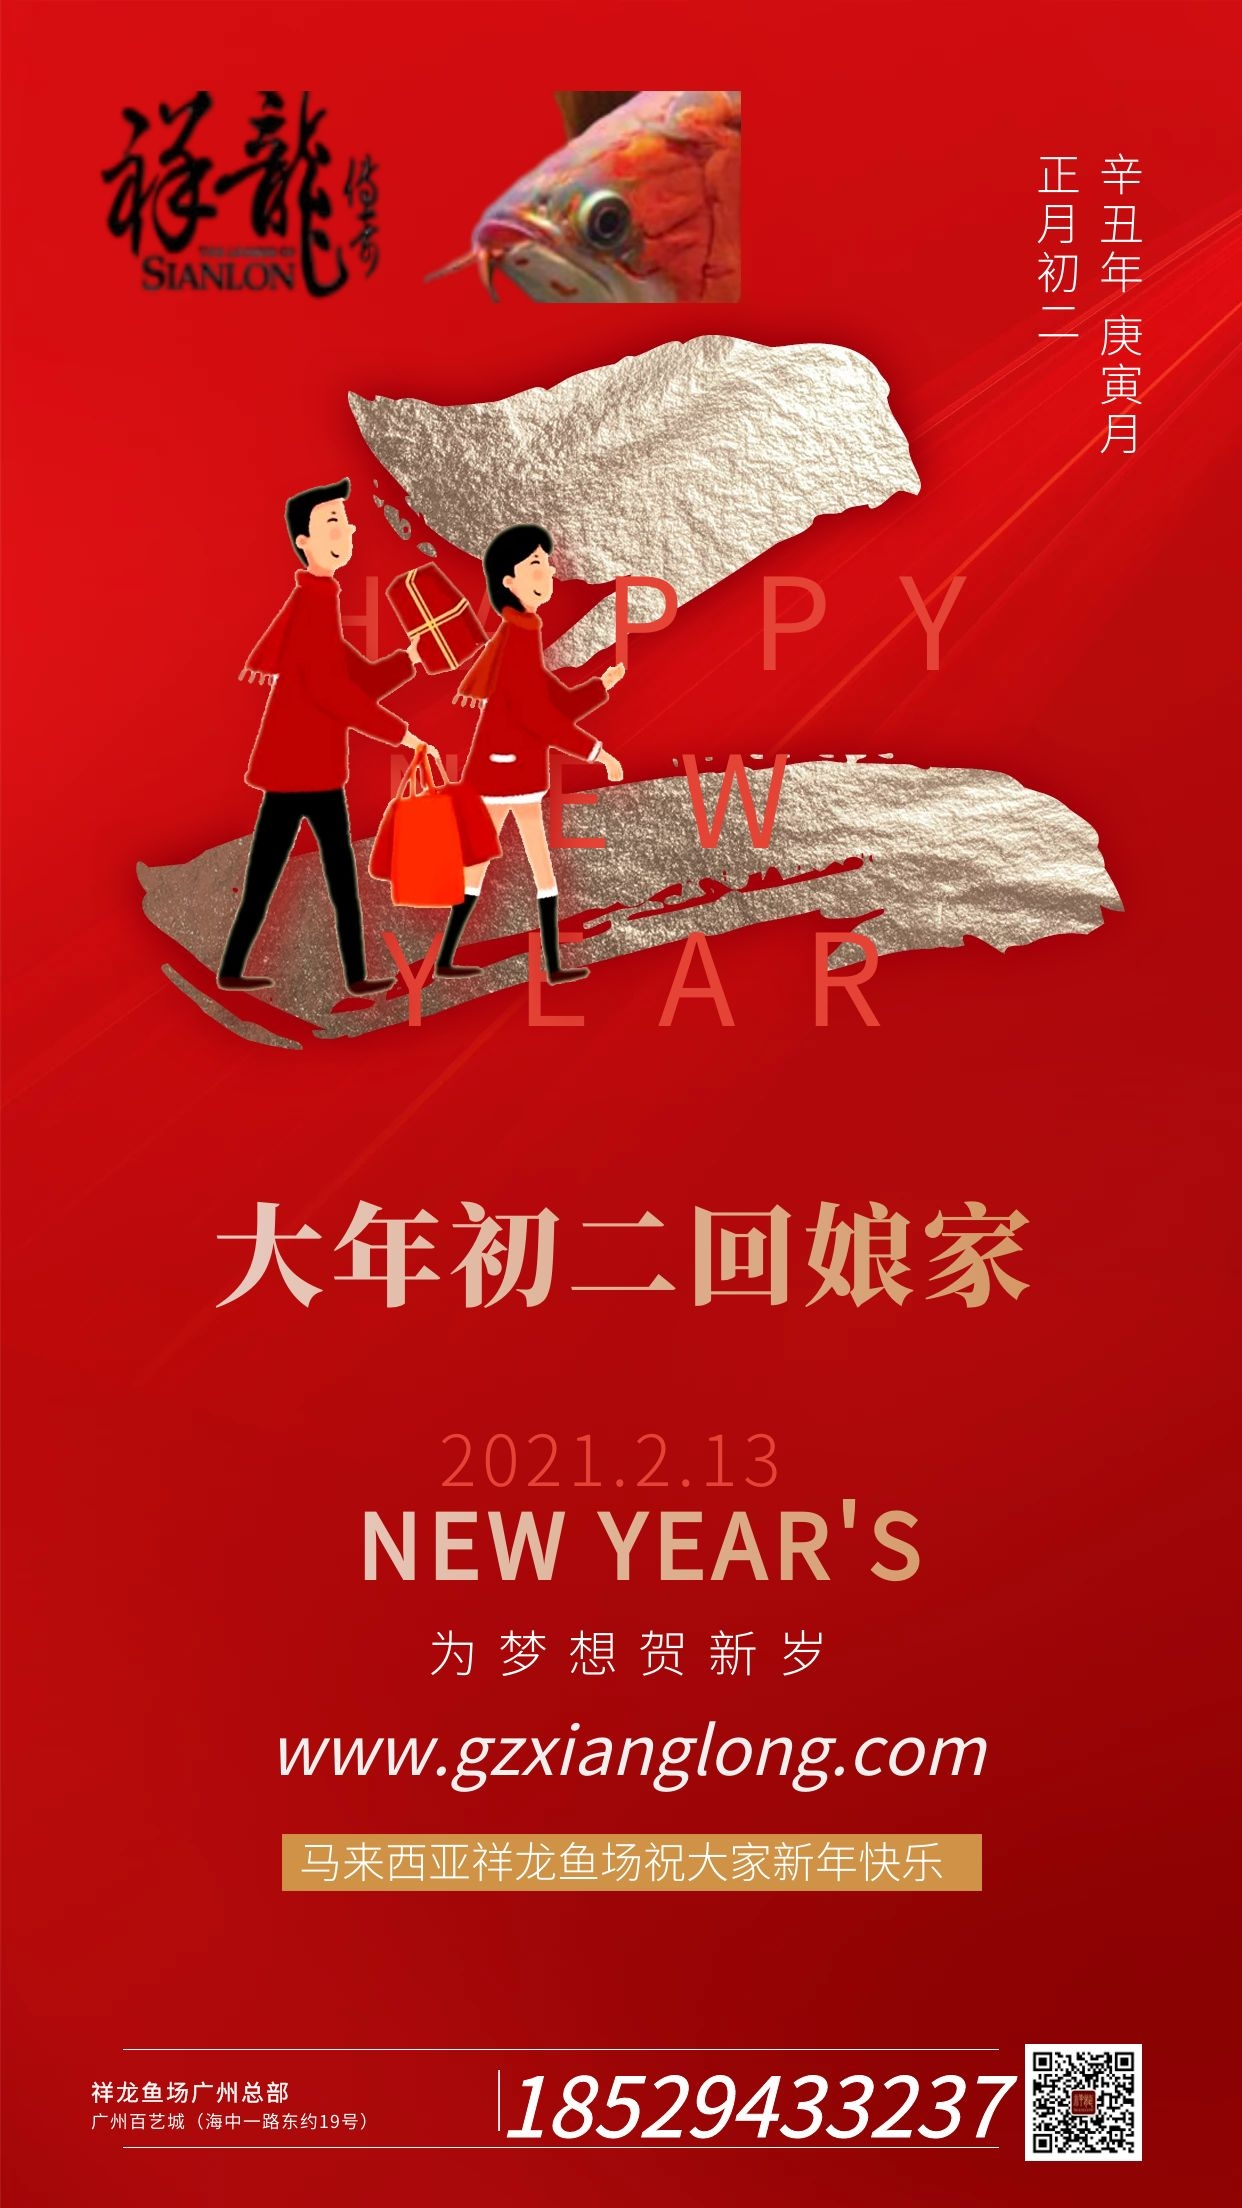 北京祥龙水族馆恭贺本市鱼友新春快乐祝福2021 北京水族馆信息 北京龙鱼第5张